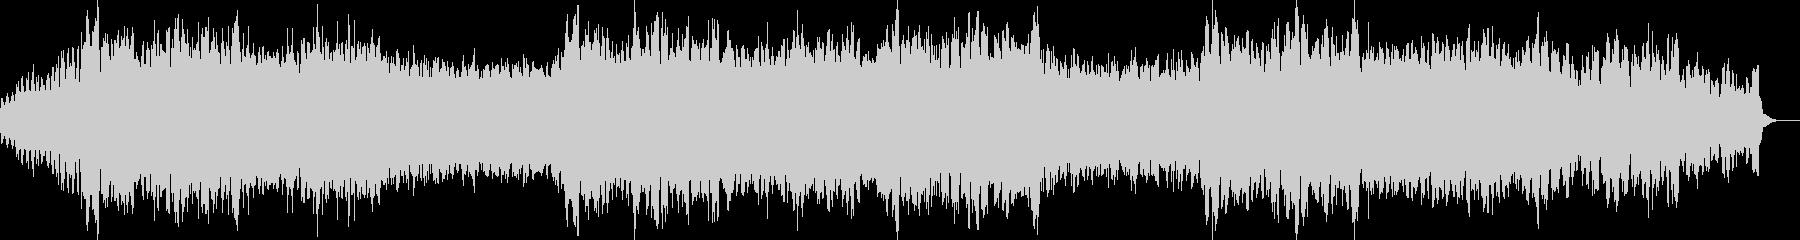 始まりを予感させるオーケストラBGMの未再生の波形